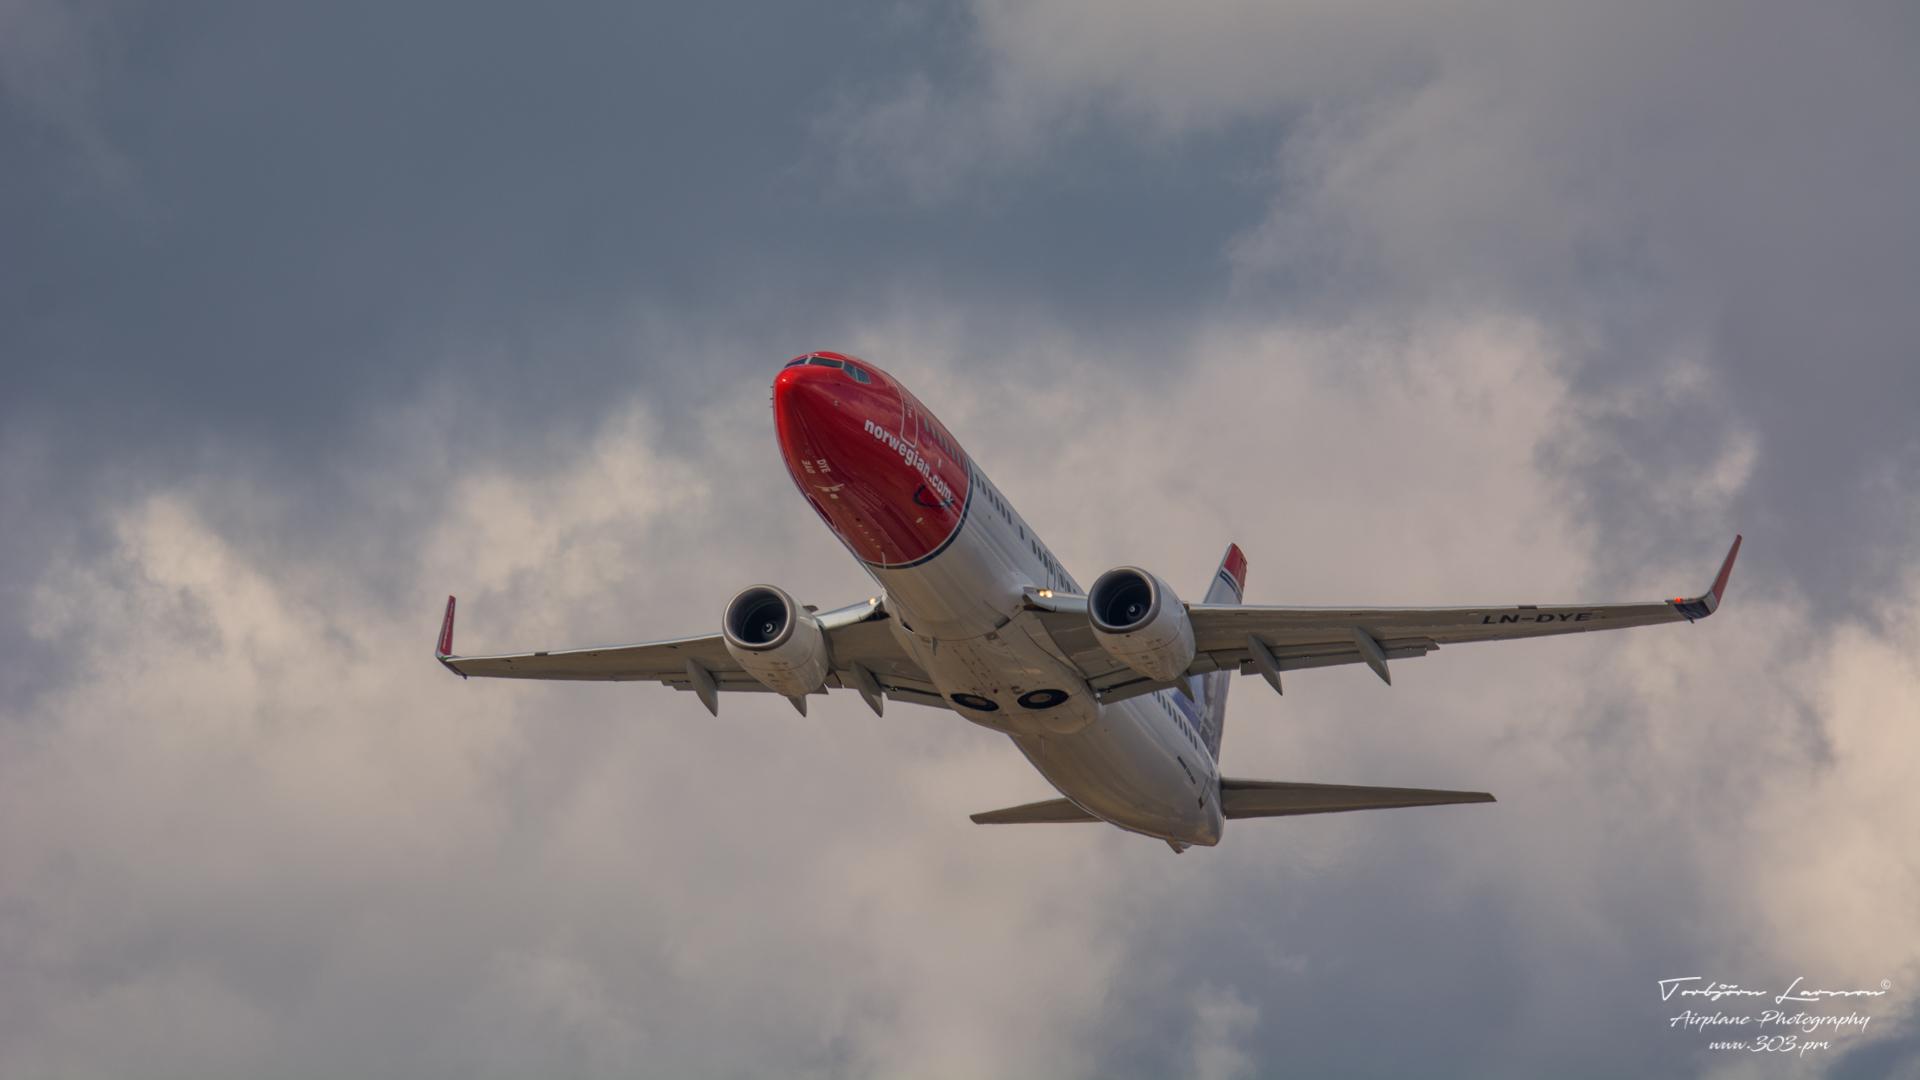 DSC_1389-Norwegian LN-DYE - Boeing 738